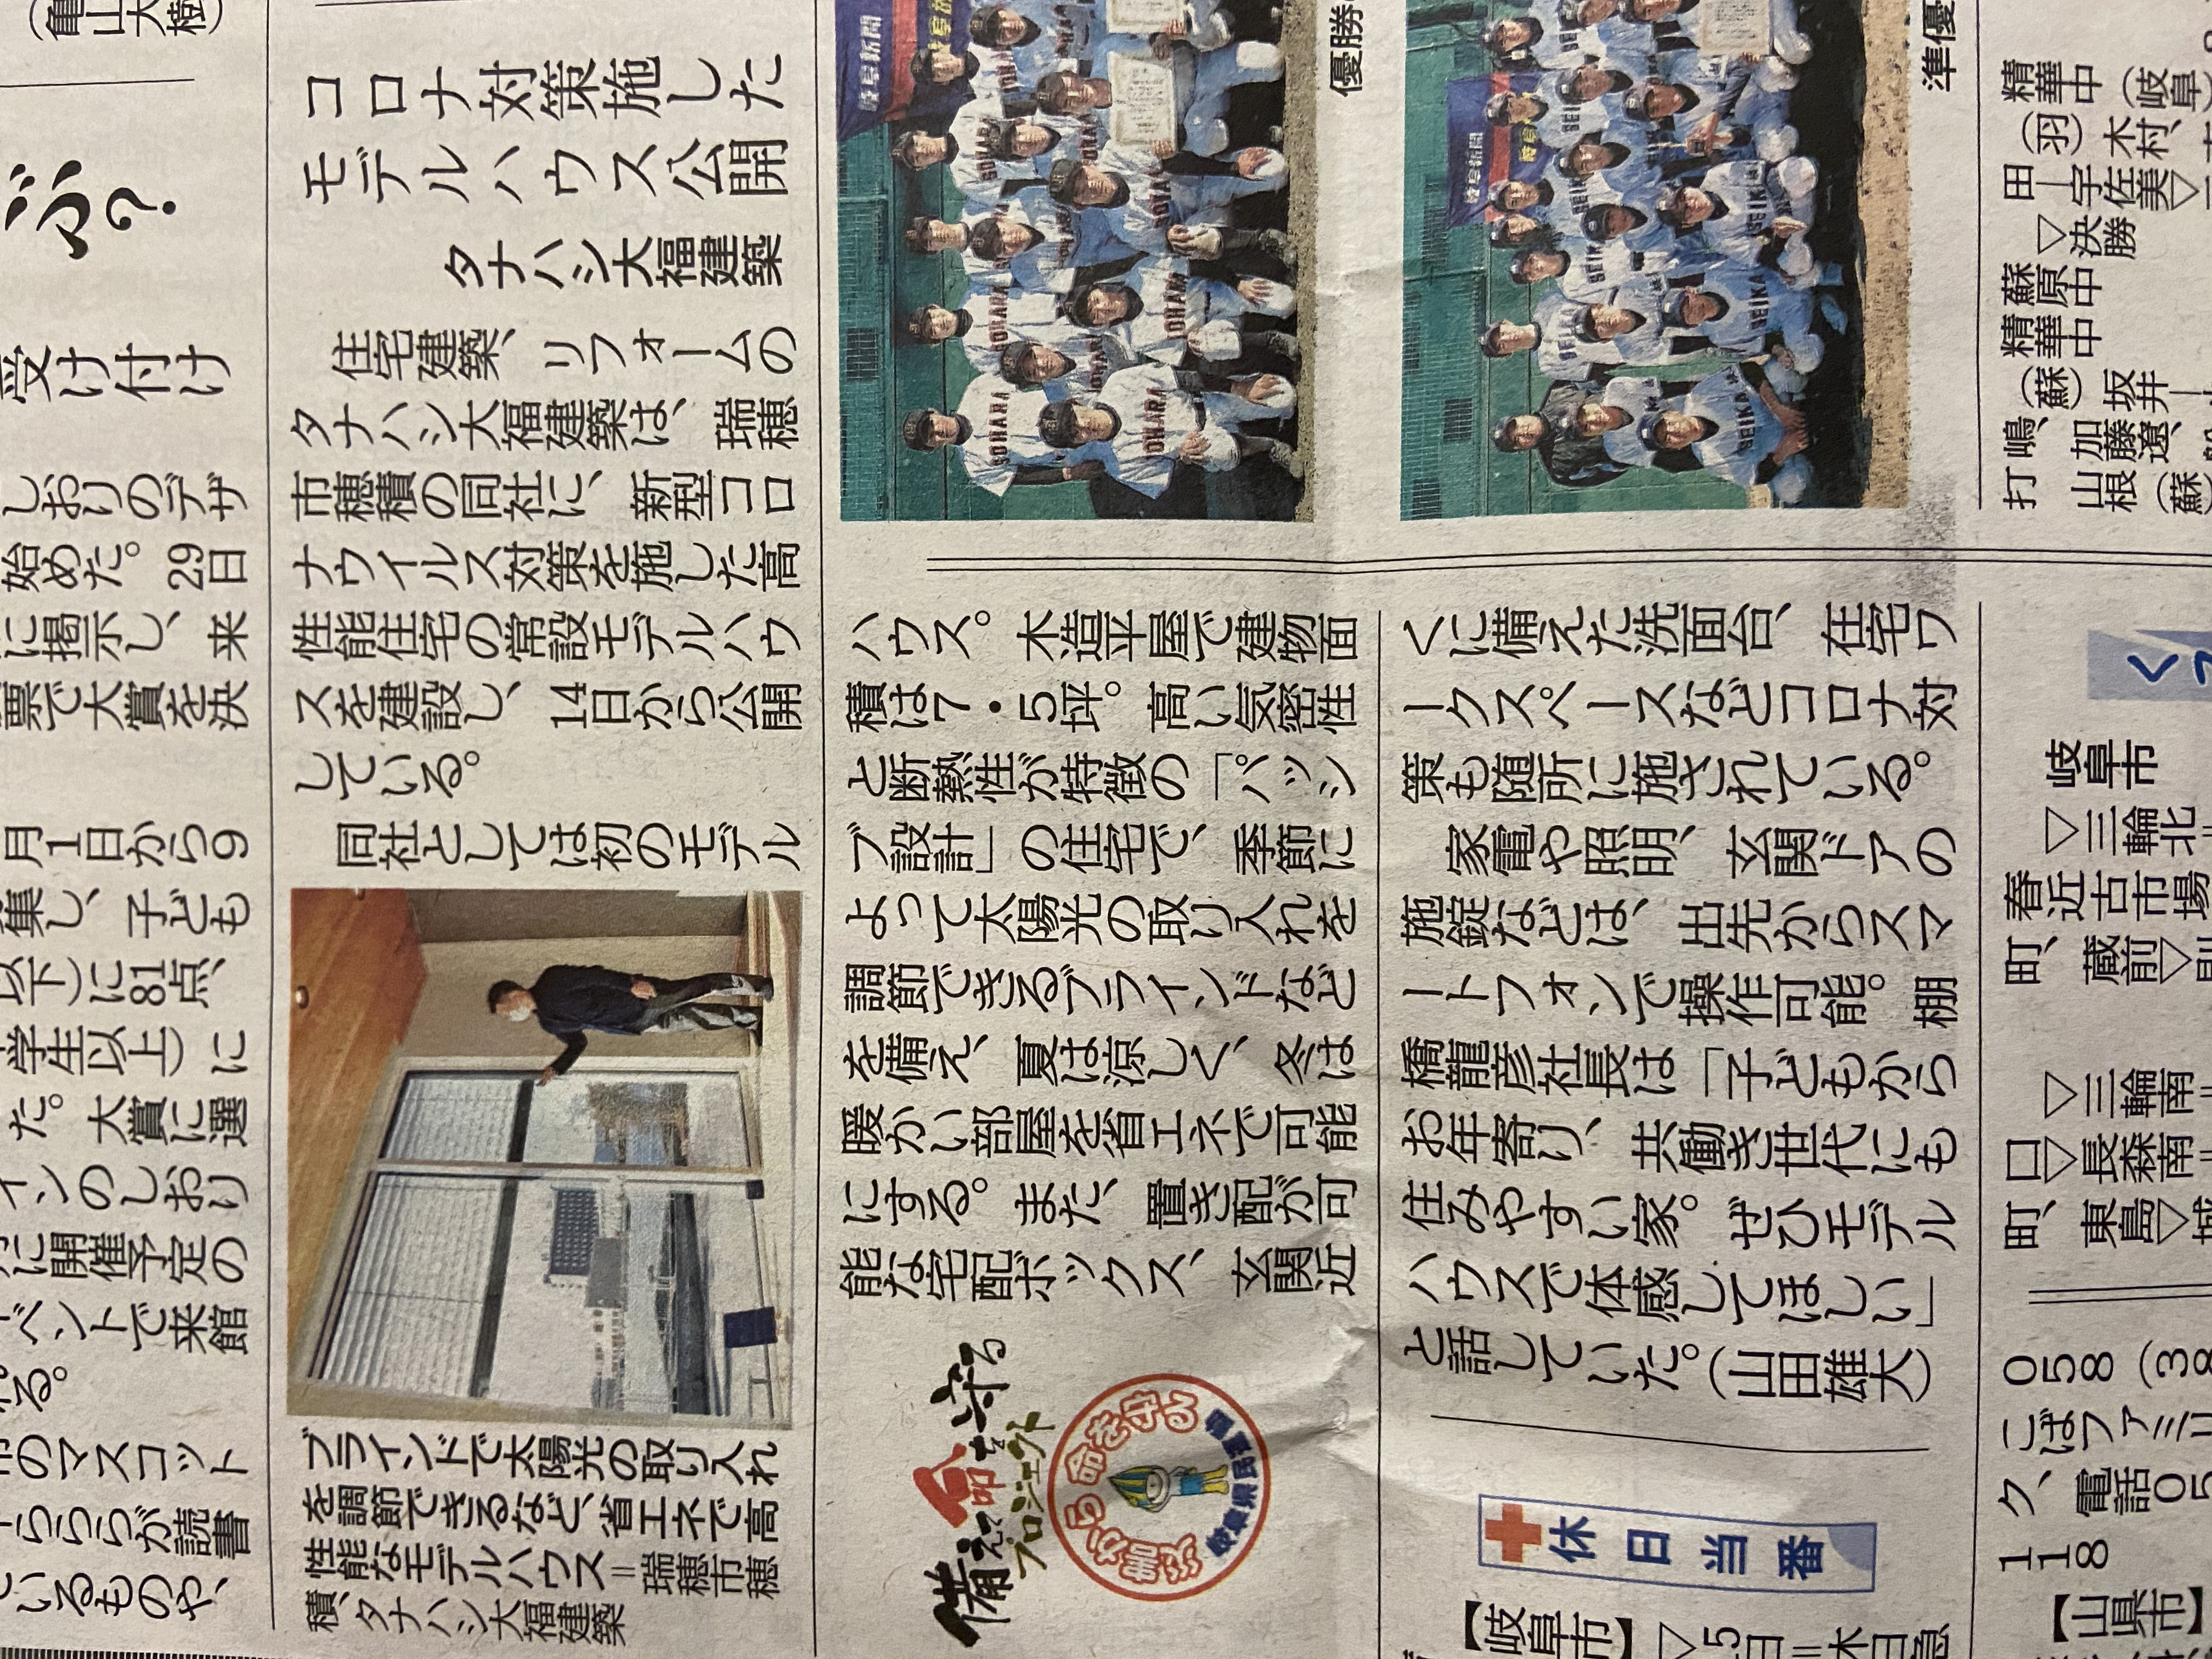 岐阜新聞に展示場が掲載されました!